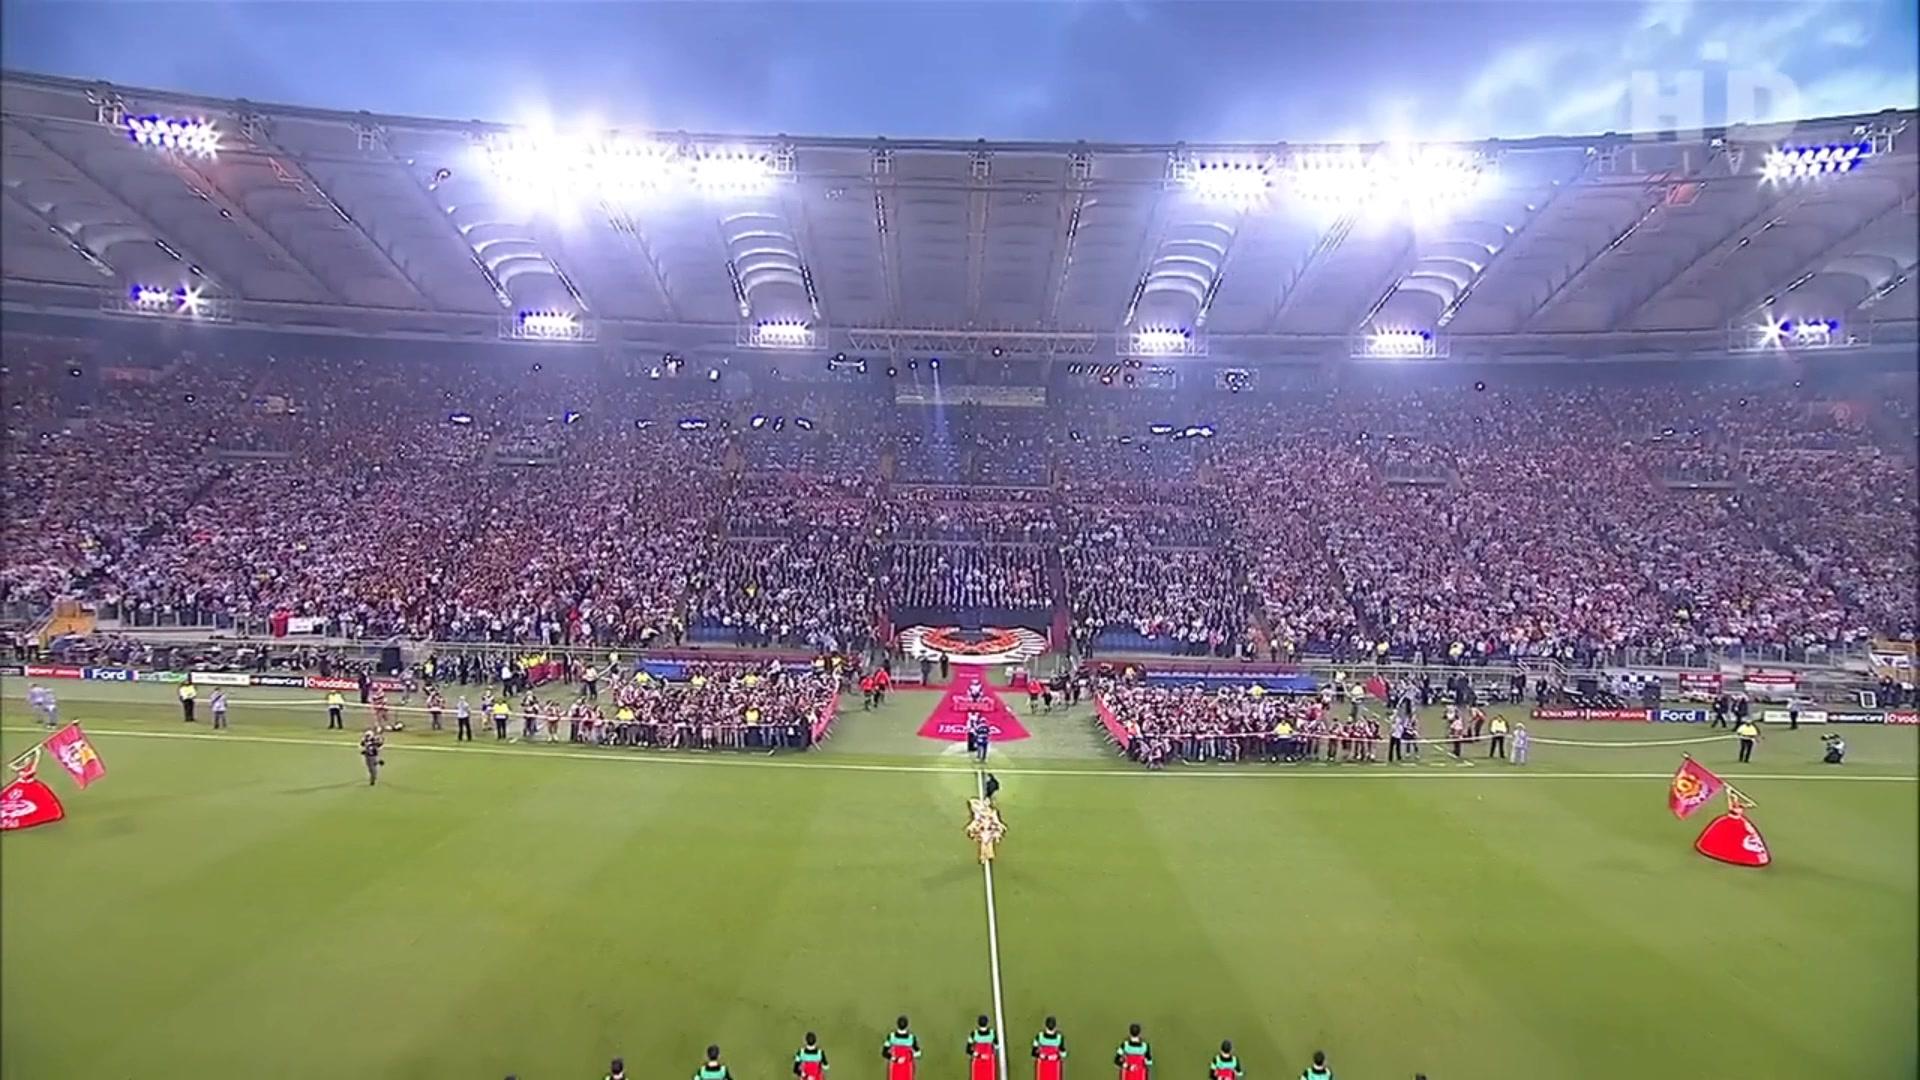 欧冠决赛巴萨对曼联 图片合集图片